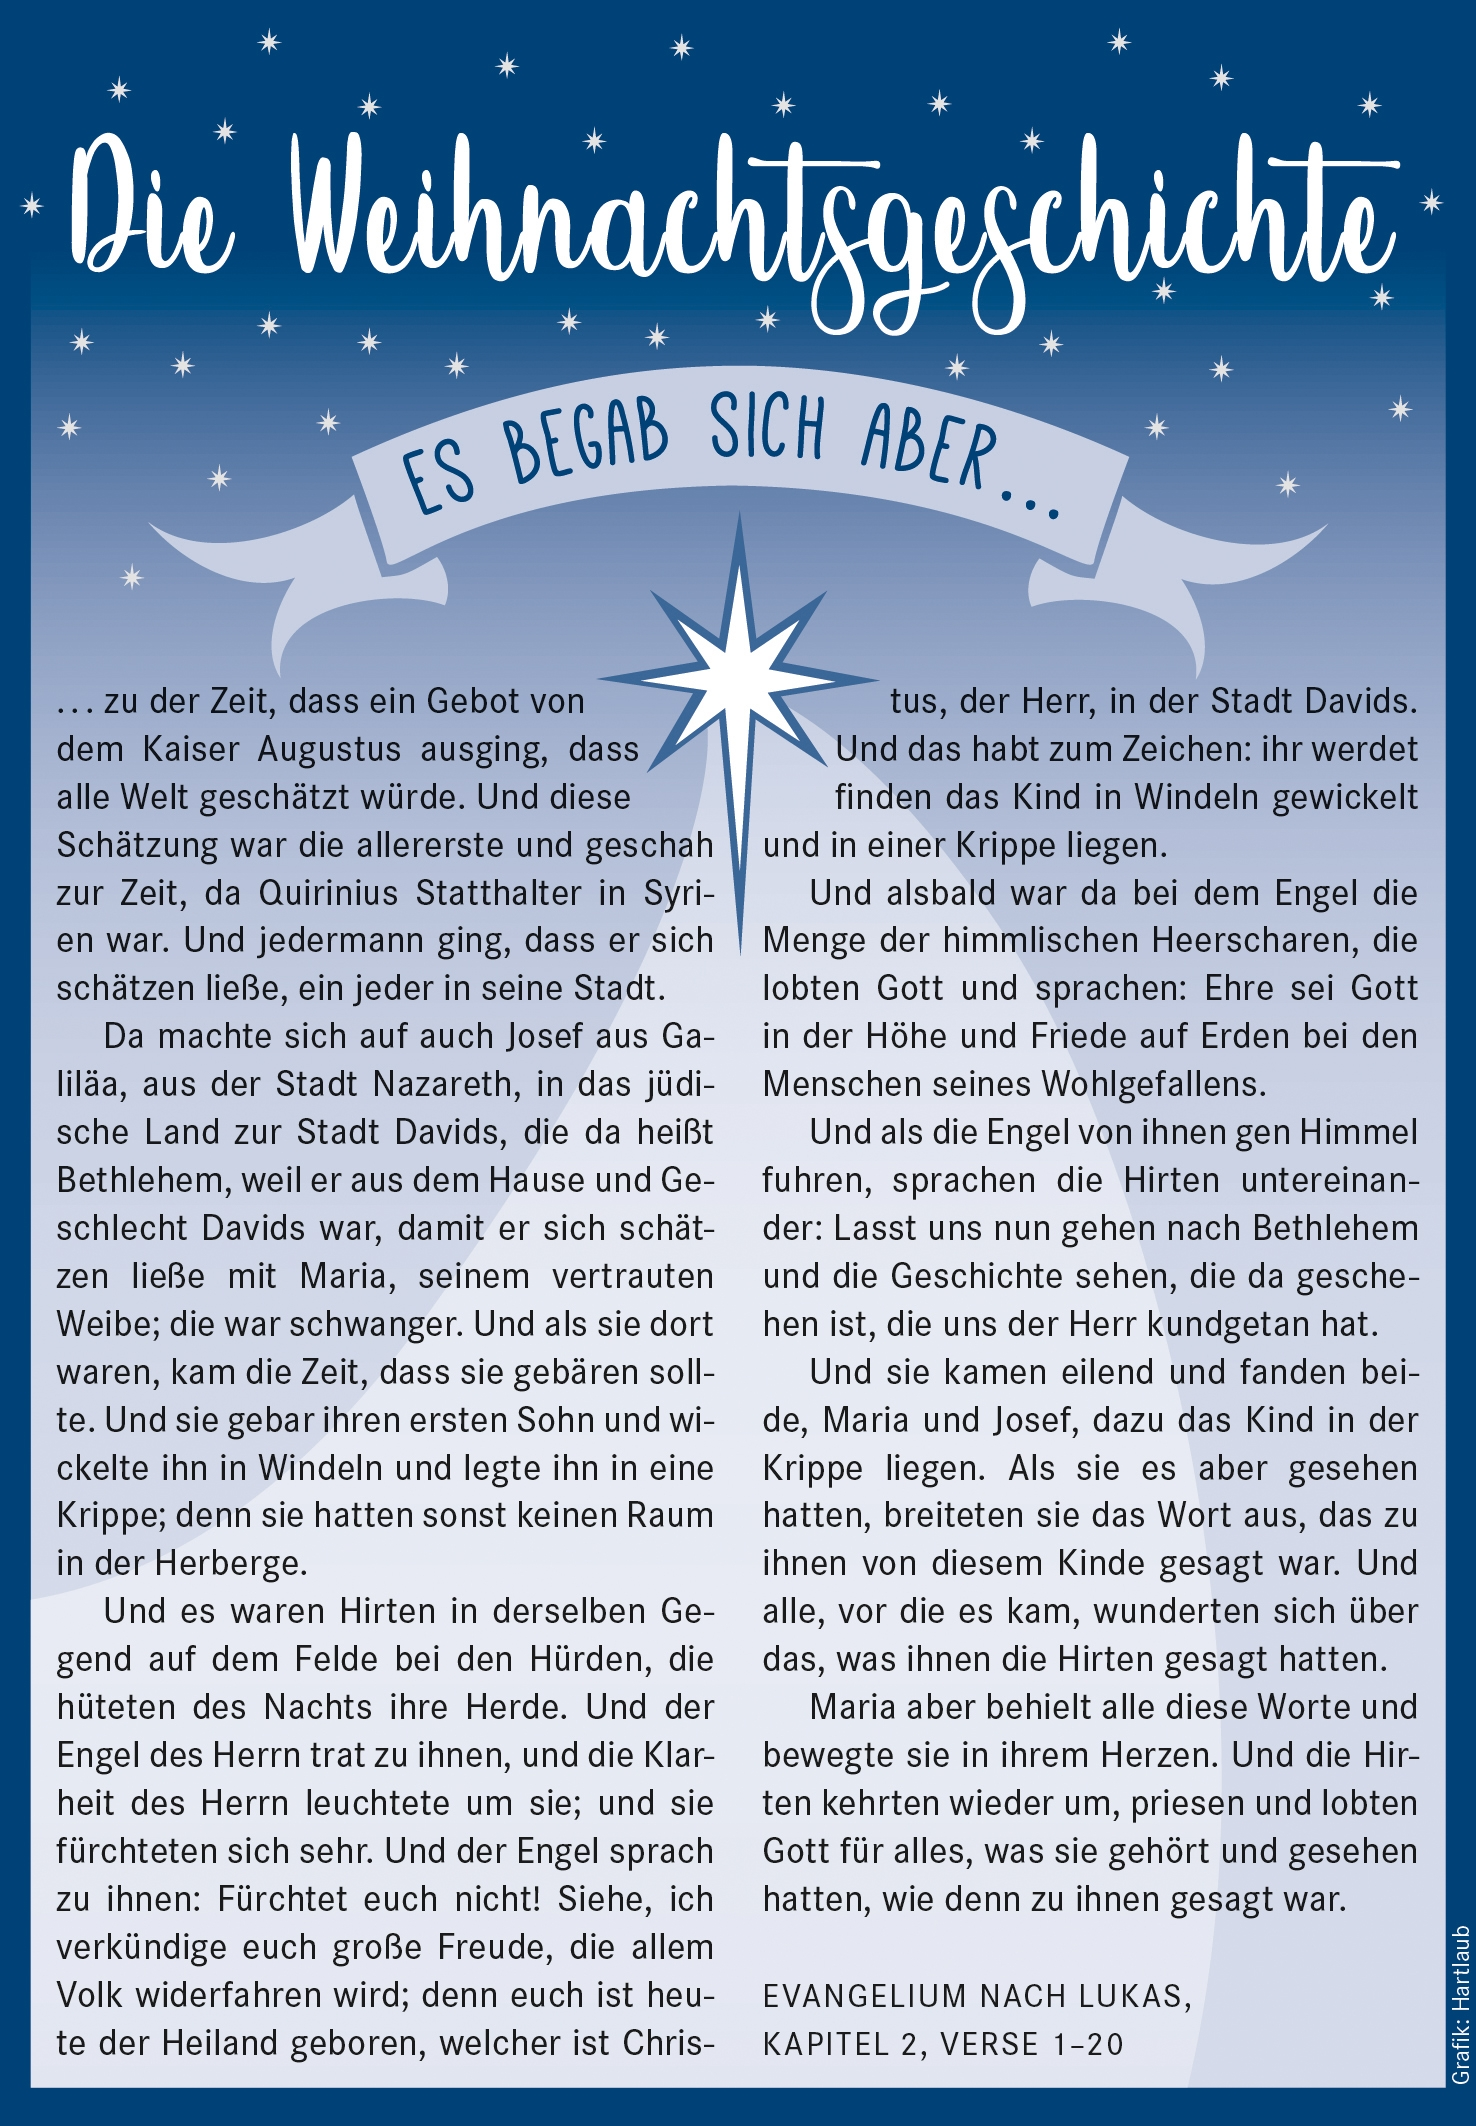 Weihnachtsgeschichte Nach Lukas